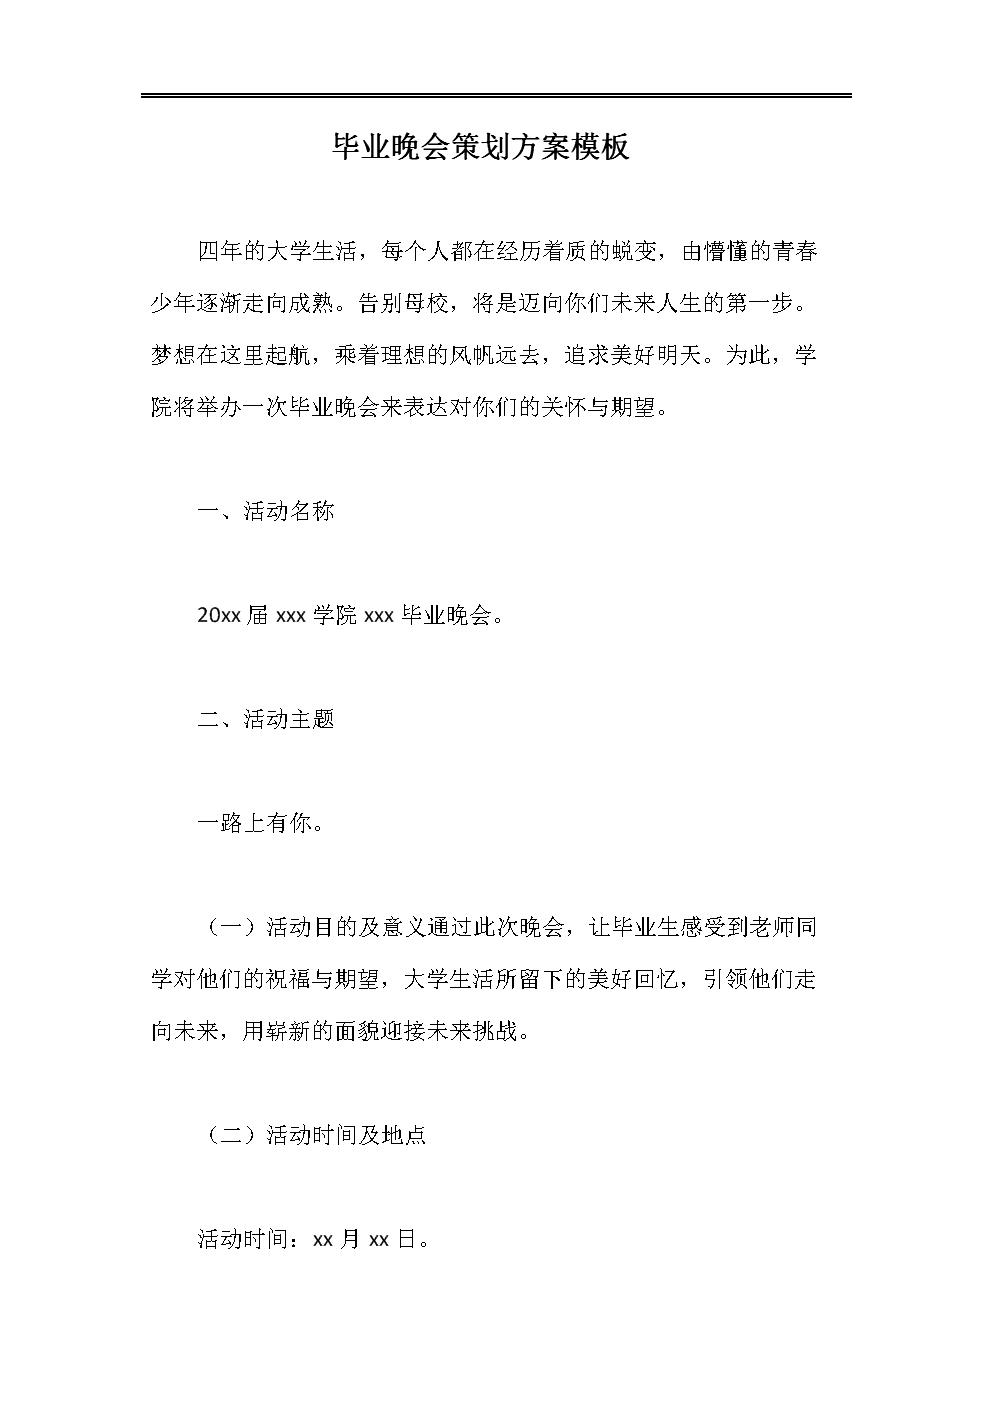 毕业晚会策划方案模板.doc